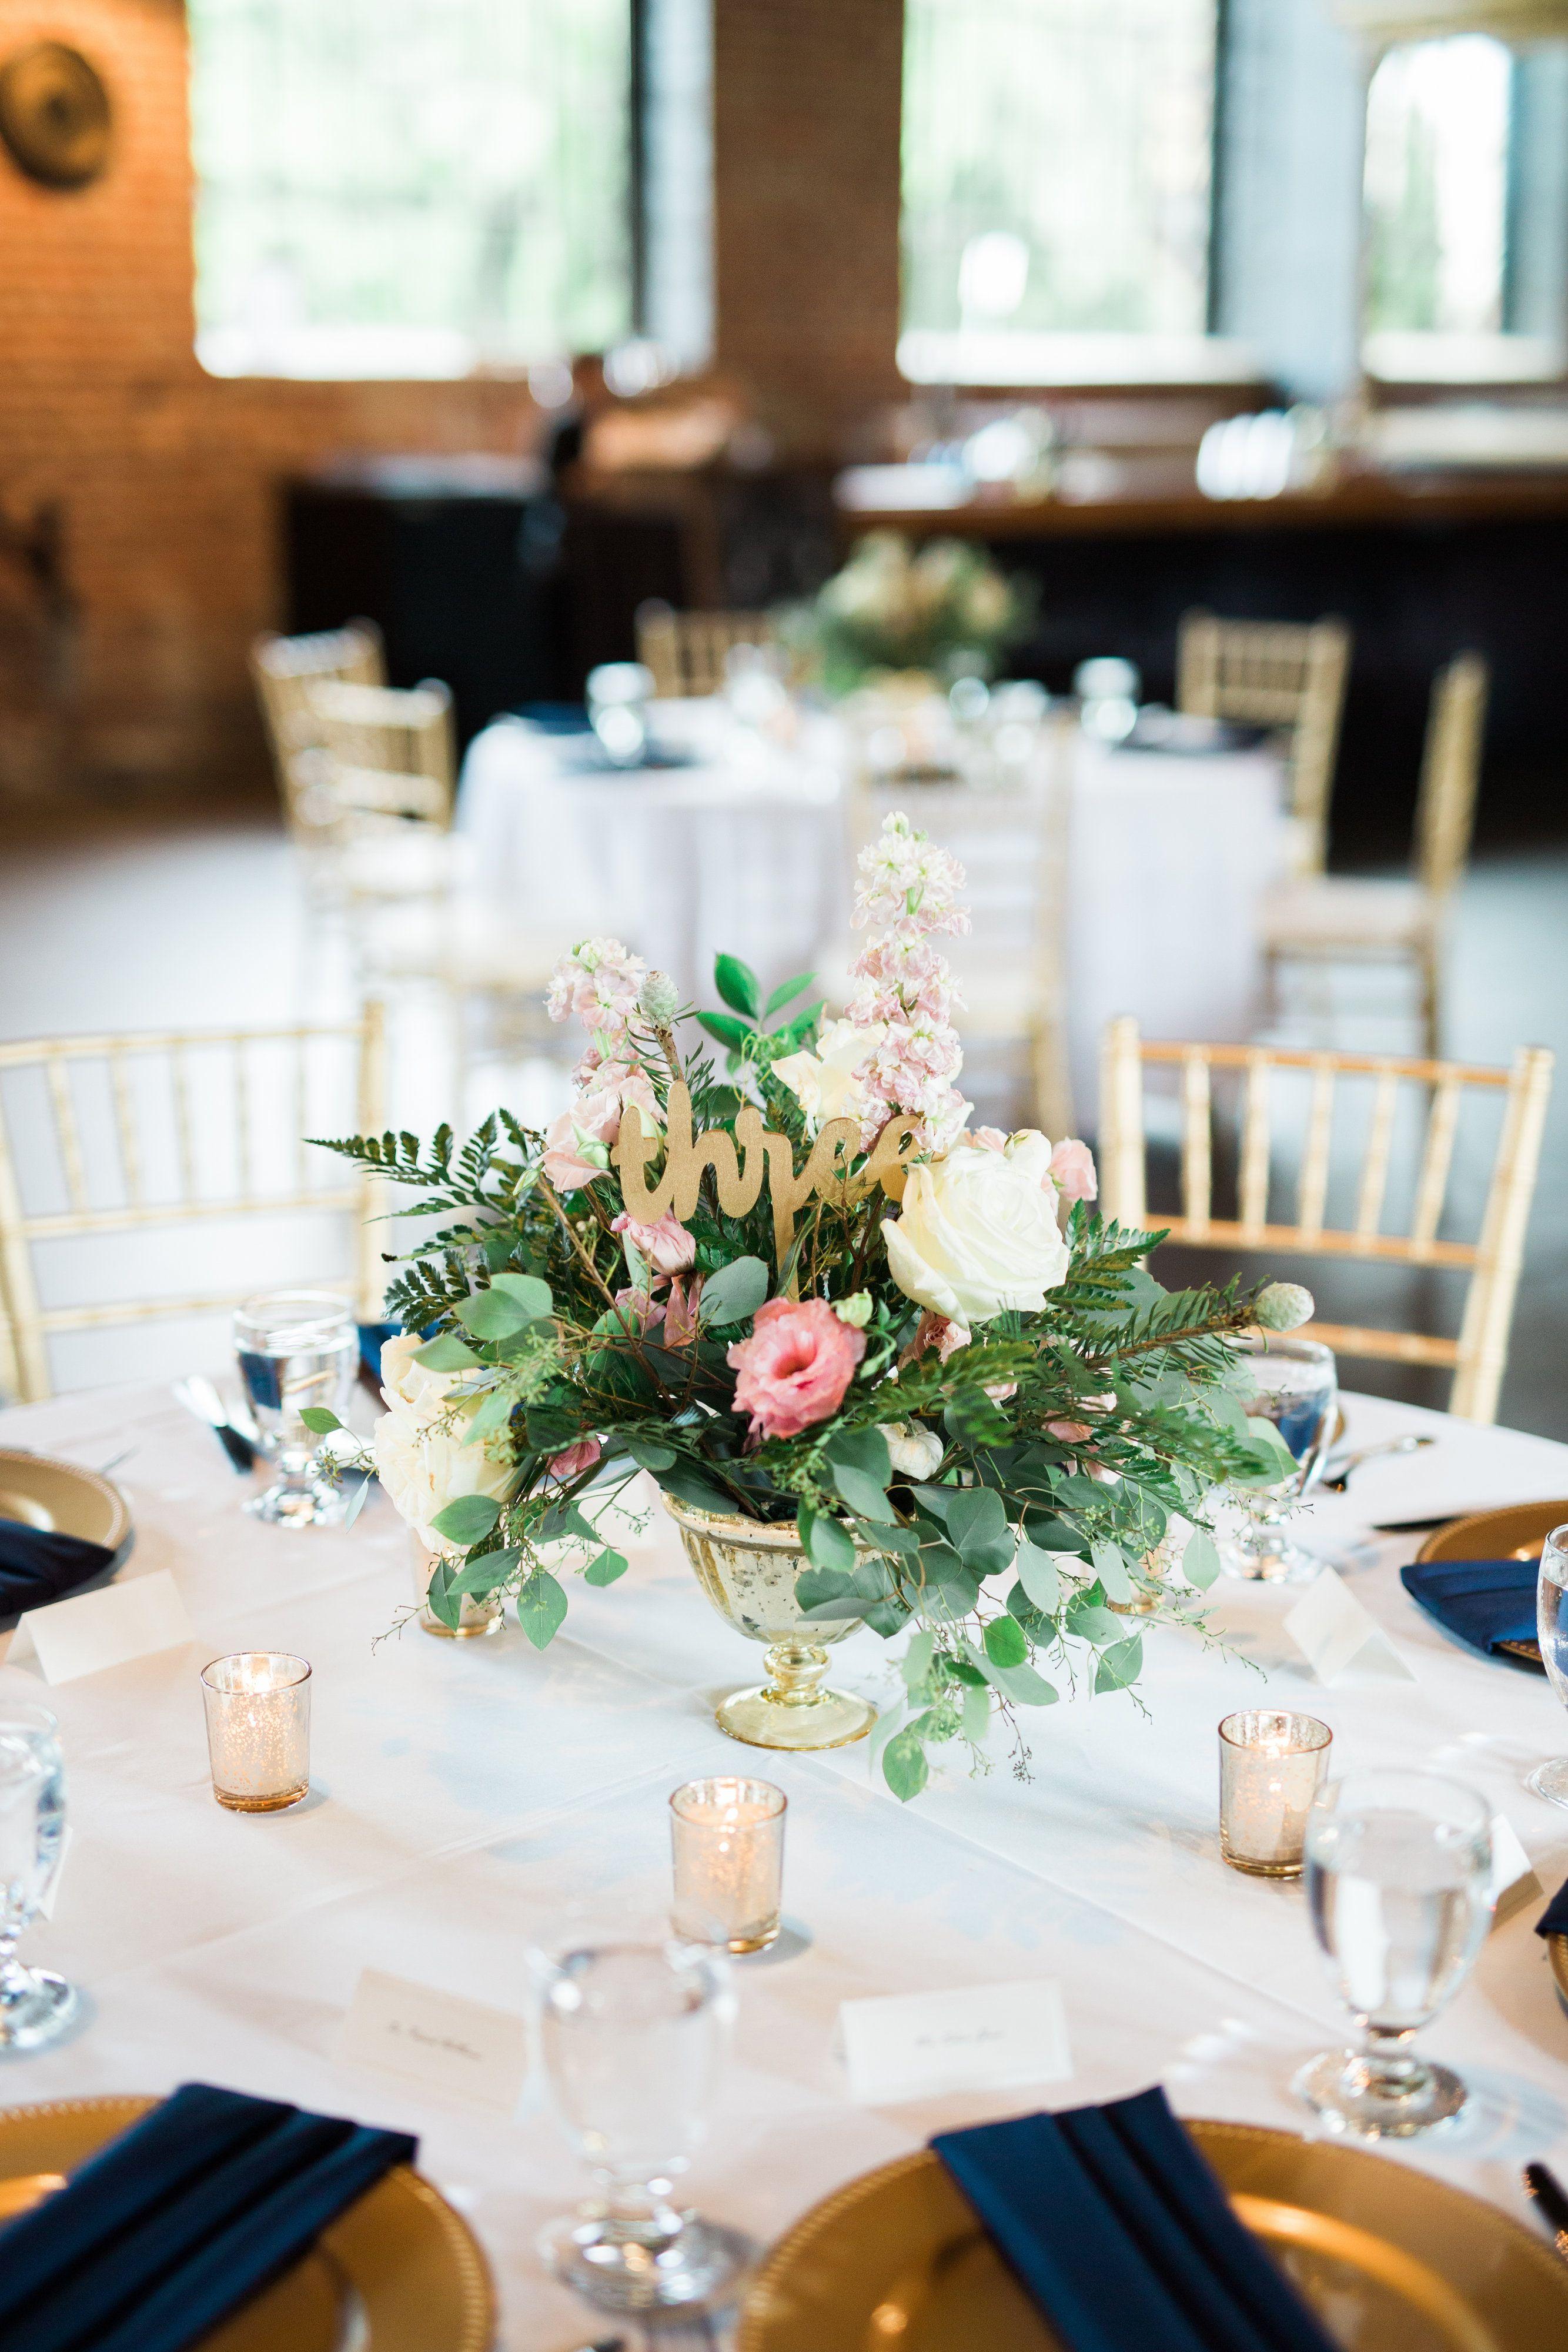 Pink And White Wedding Centerpiece Diy Wedding Flowers Bloominous Wedding Centerpieces Diy Centerpieces Wedding Cheap Beautiful Wedding Centerpiece